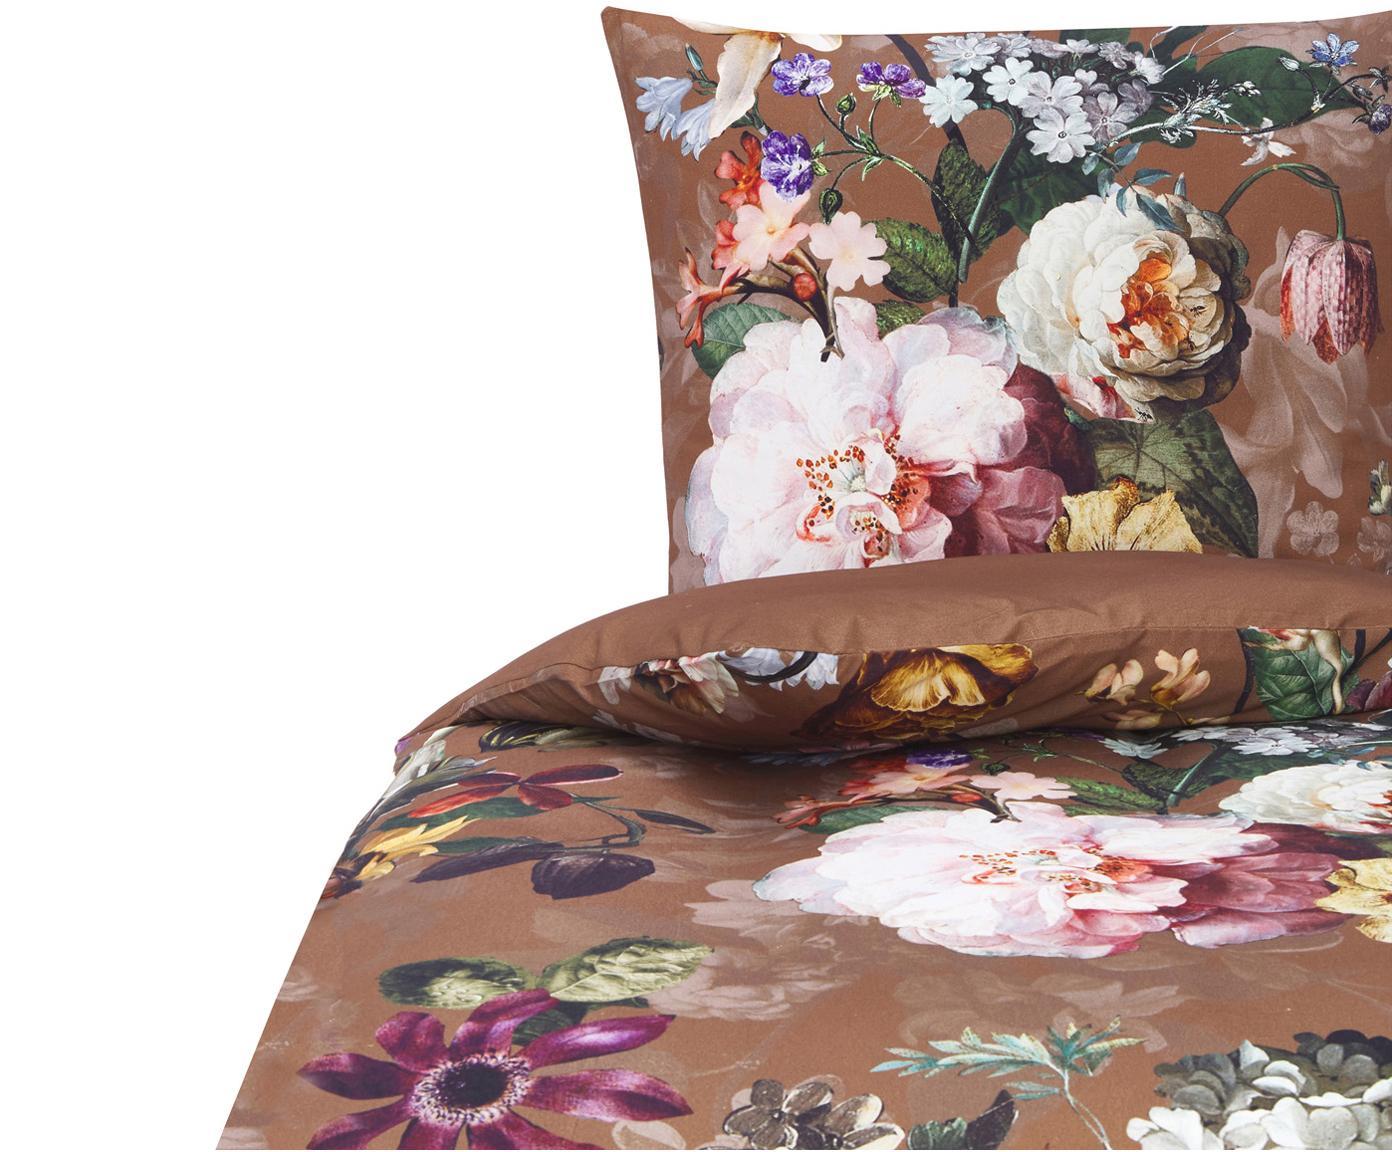 Flanell-Bettwäsche Fleurel mit Blumen-Muster, Webart: Flanell, Renforce gebürst, Braun, 135 x 200 cm + 1 Kissen 80 x 80 cm